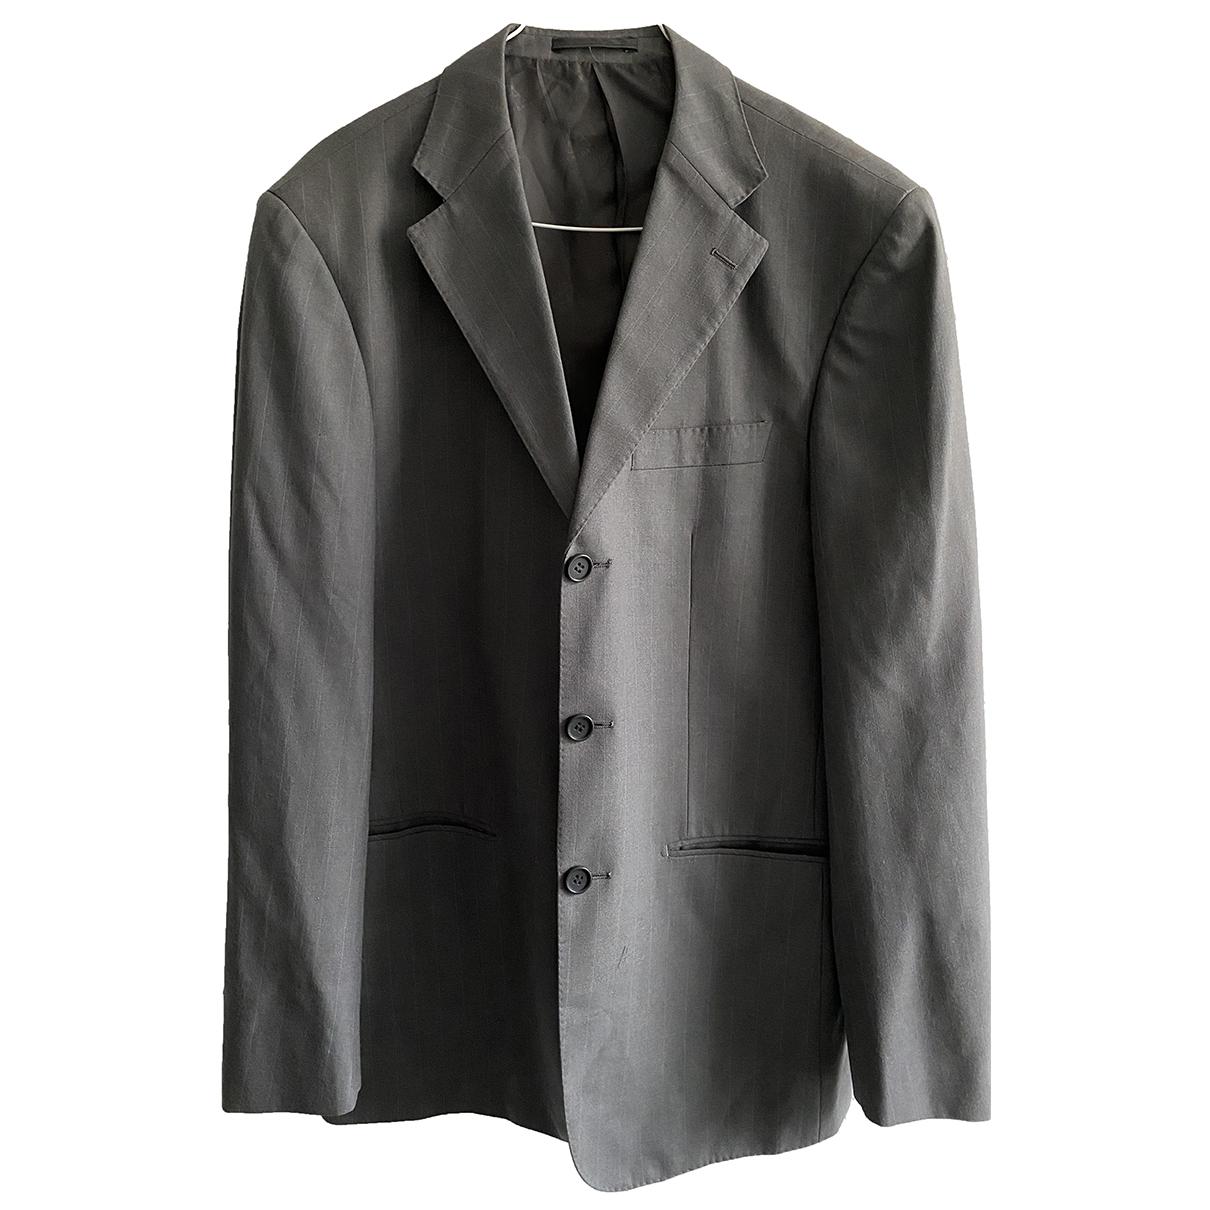 Emporio Armani - Costumes   pour homme en laine - gris